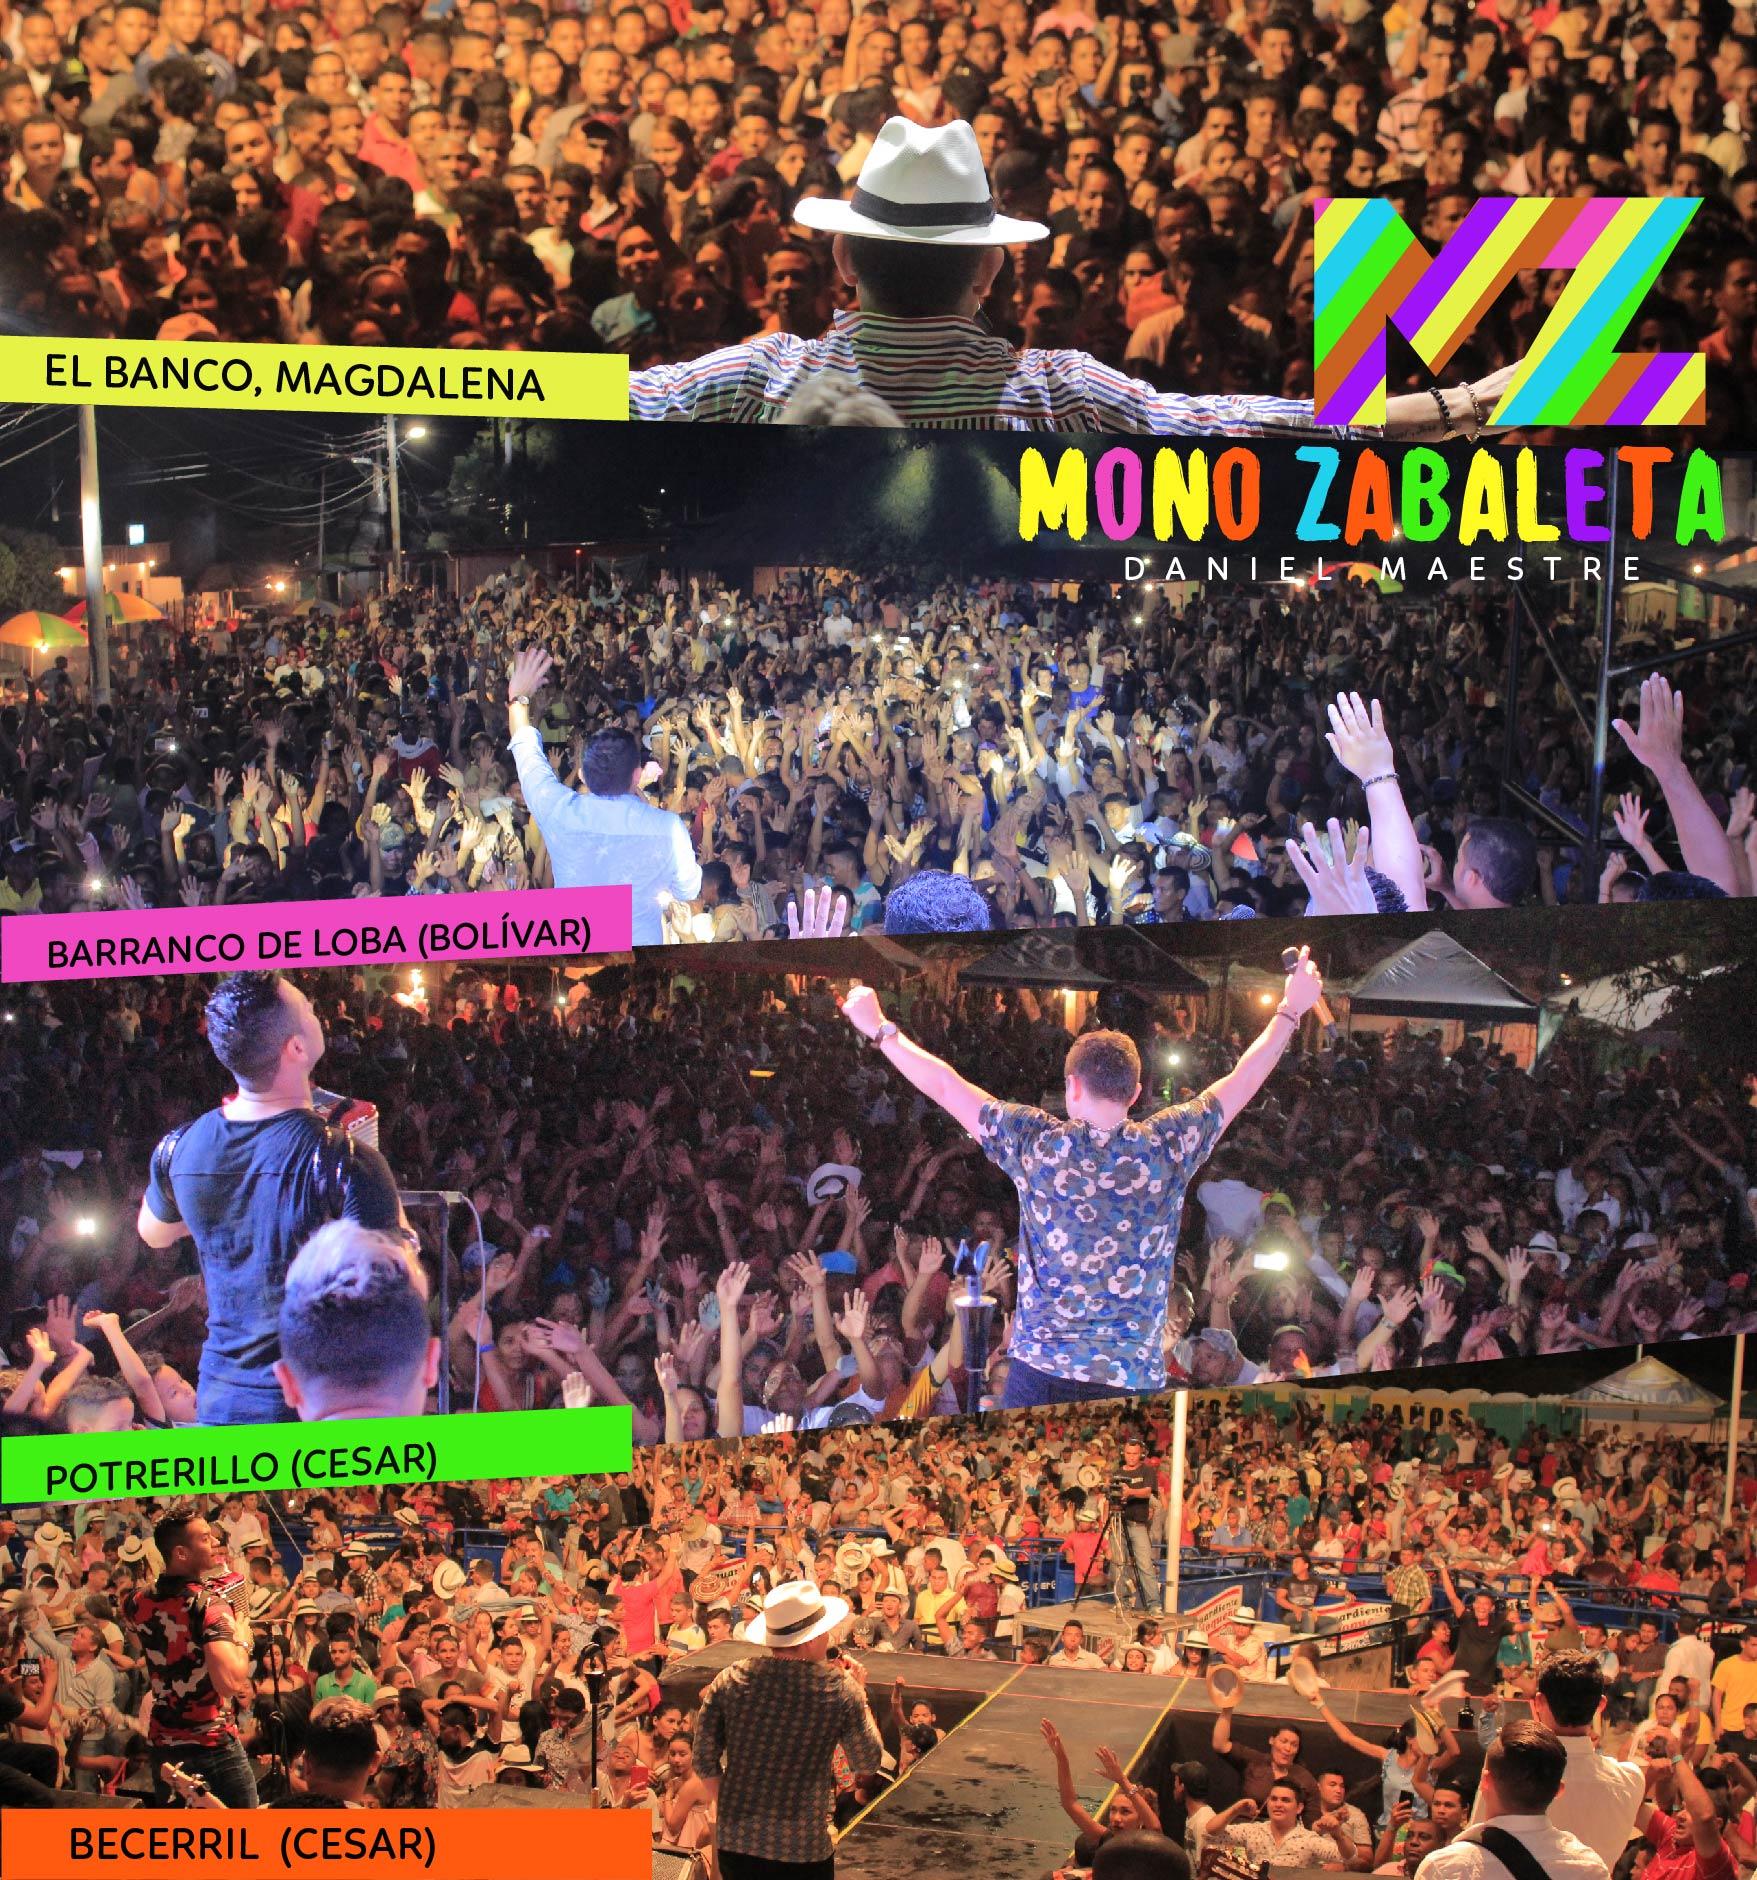 Mono Zabaleta en Carnavales